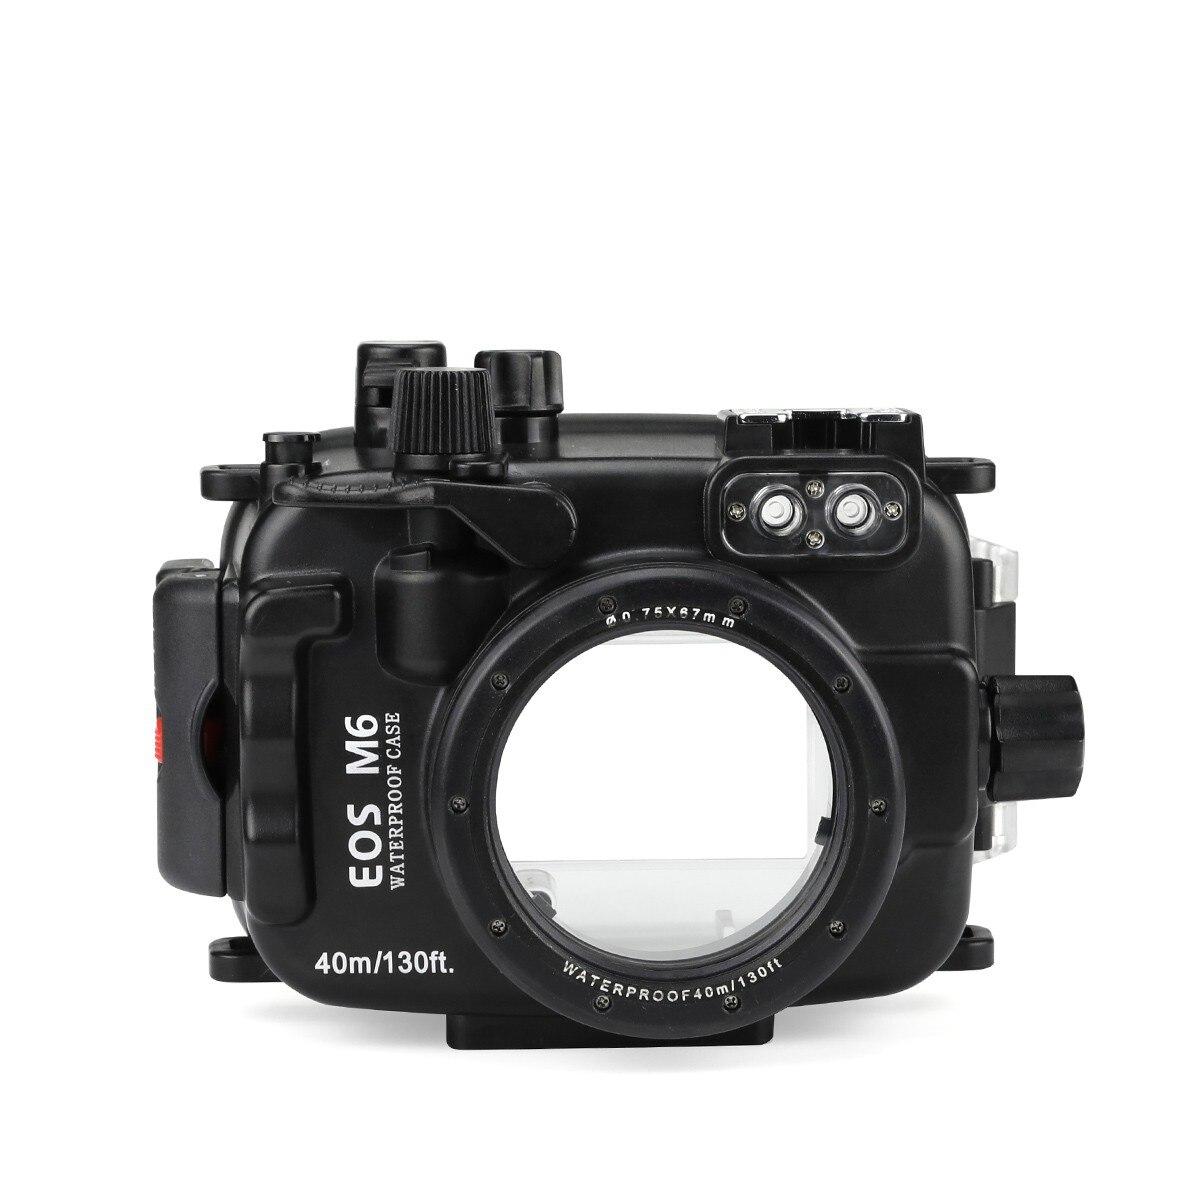 Fonds marins 40 m/130ft boîtier de plongée sous-marine pour Canon EOS M6 22mm objectif étanche sacs pour Canon EOS M6 22mm